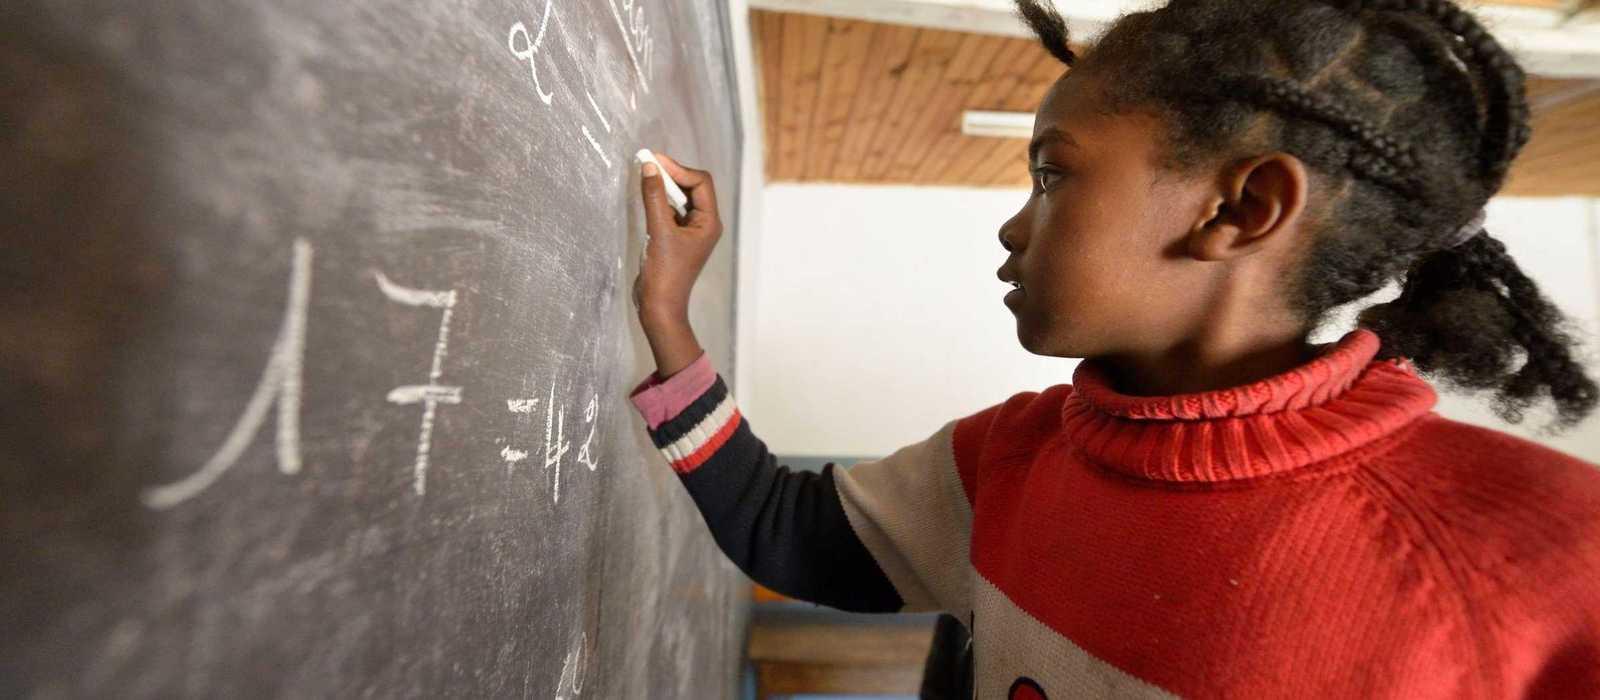 ein Mädchen rechnet eine Aufgabe an der Tafel